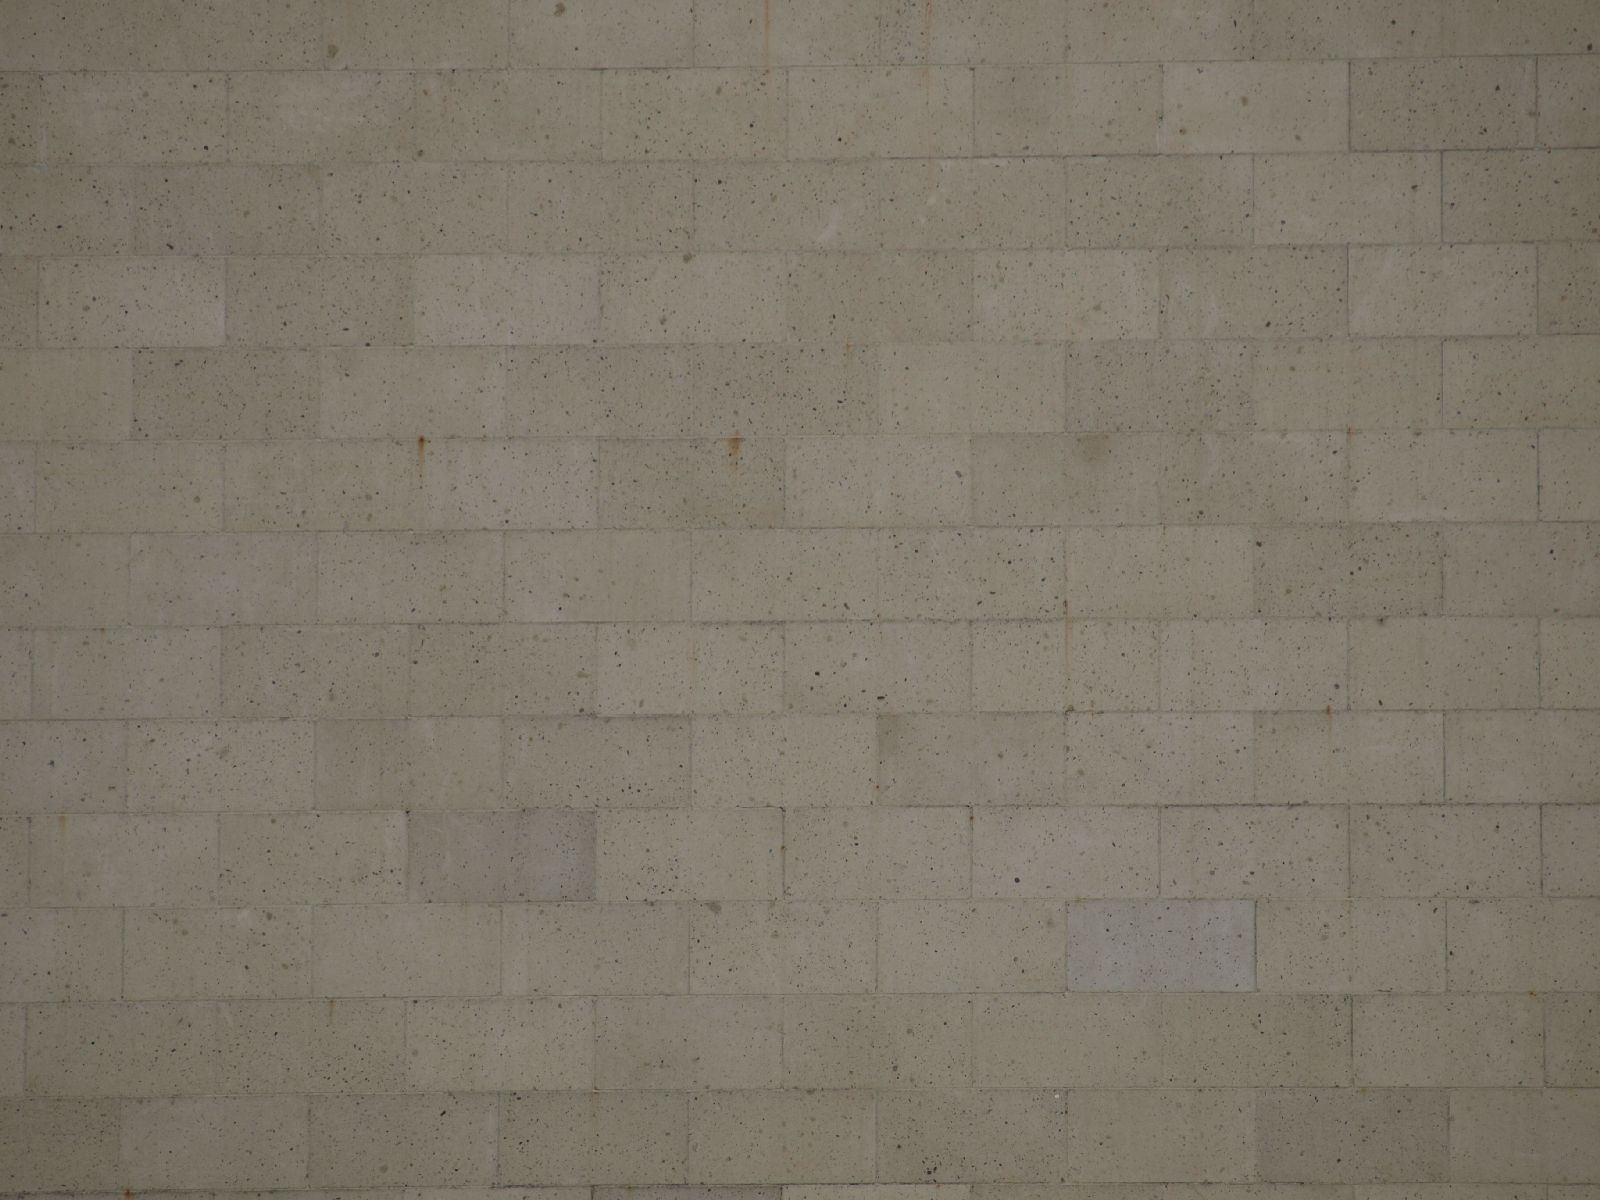 Brick_Texture_A_P6218247